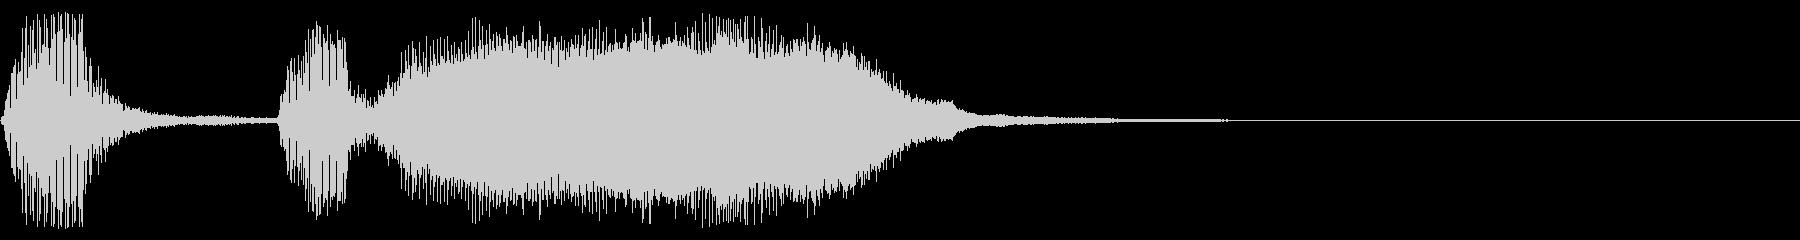 シンプルなファンファーレ8の未再生の波形